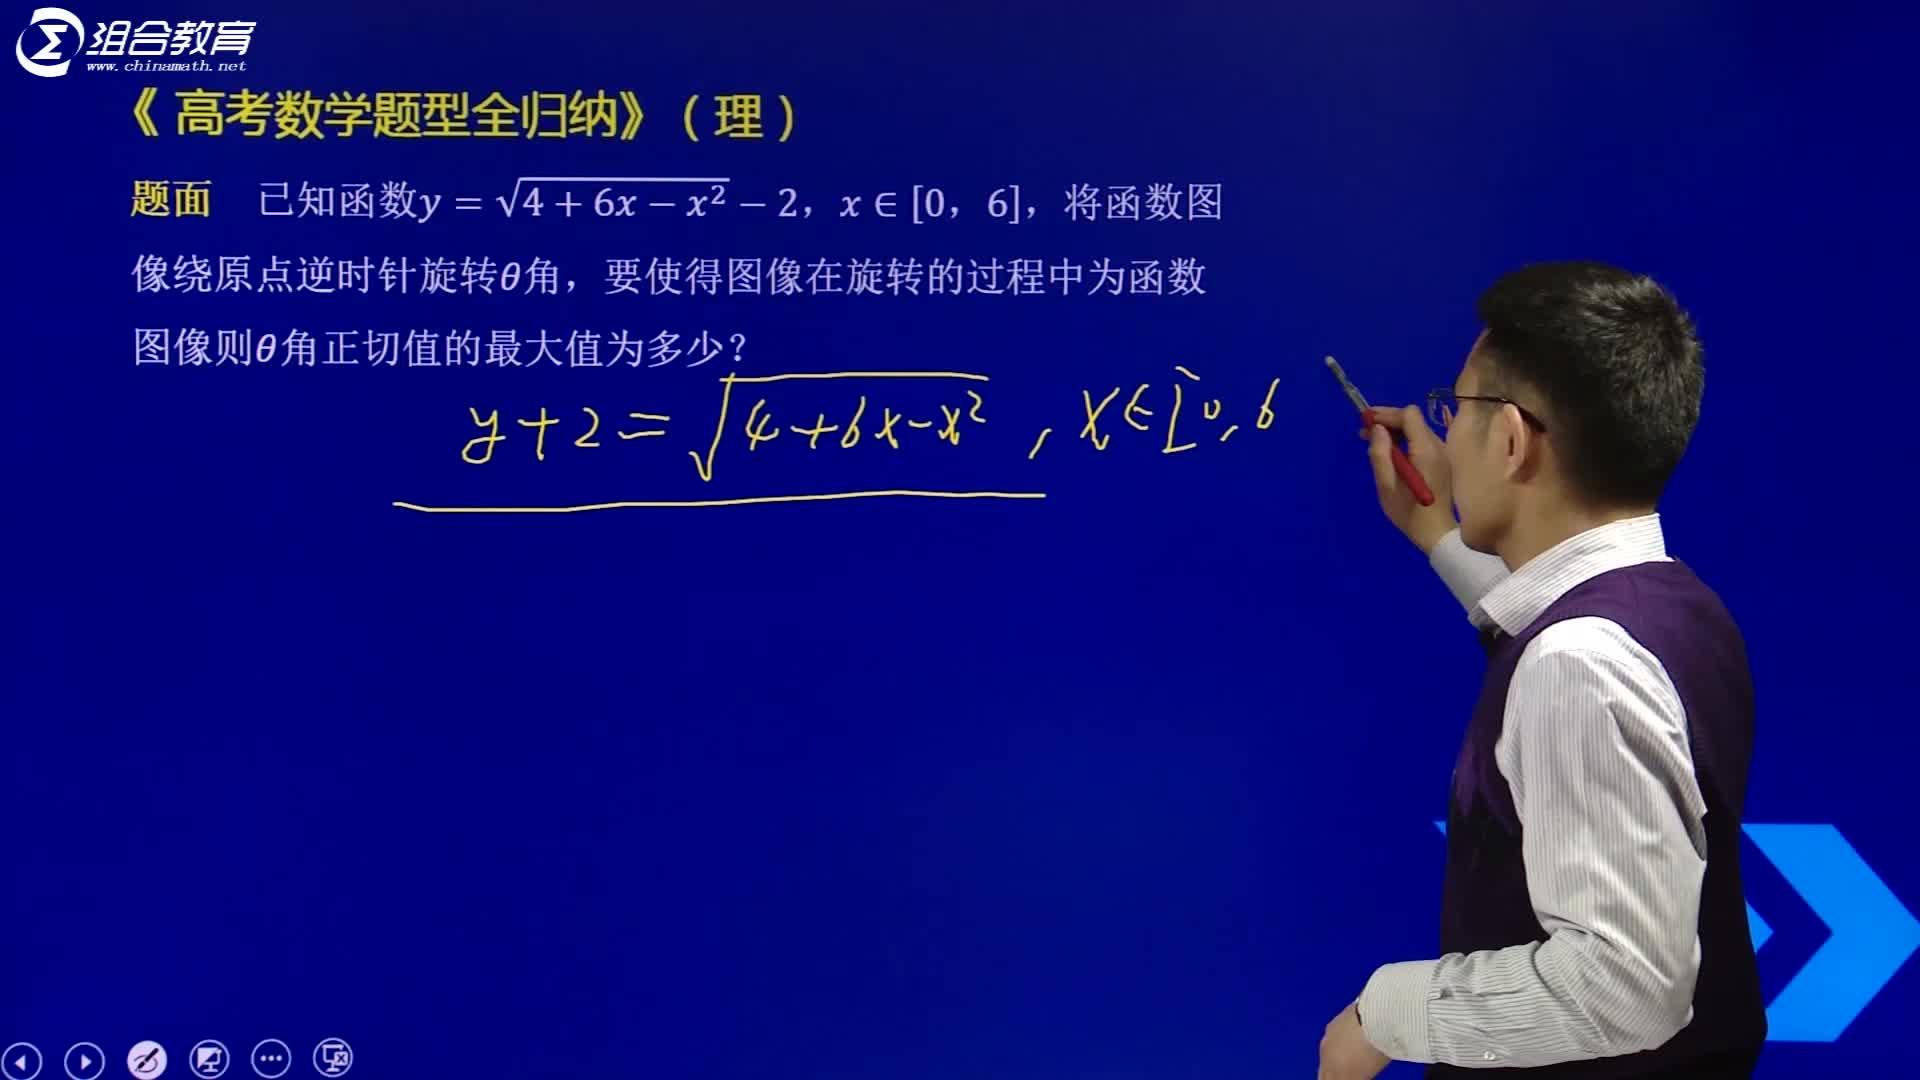 视频2.2 映射与函数的概念-【洞穿高考】2020版高考理科数学题型全归纳